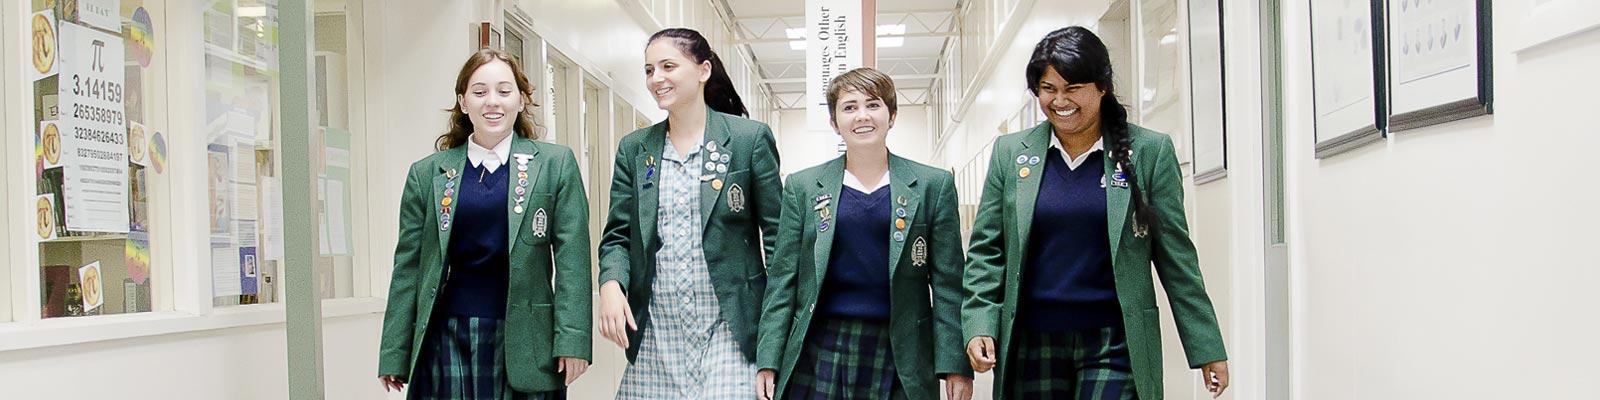 4-25-uniform